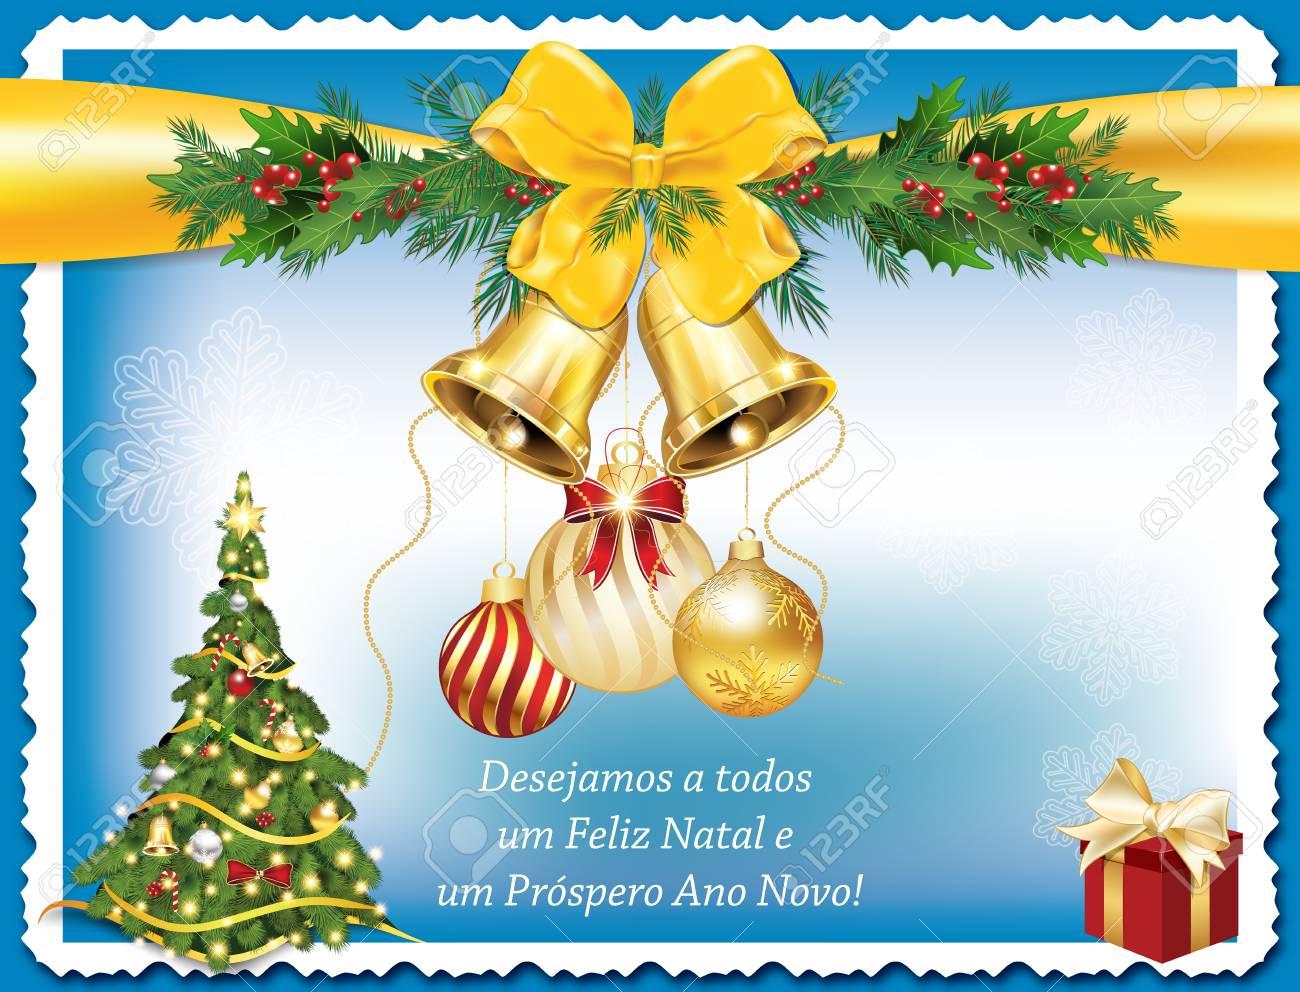 Ich Wünsche Euch Frohe Weihnachten Und Ein Gutes Neues Jahr.Stock Photo